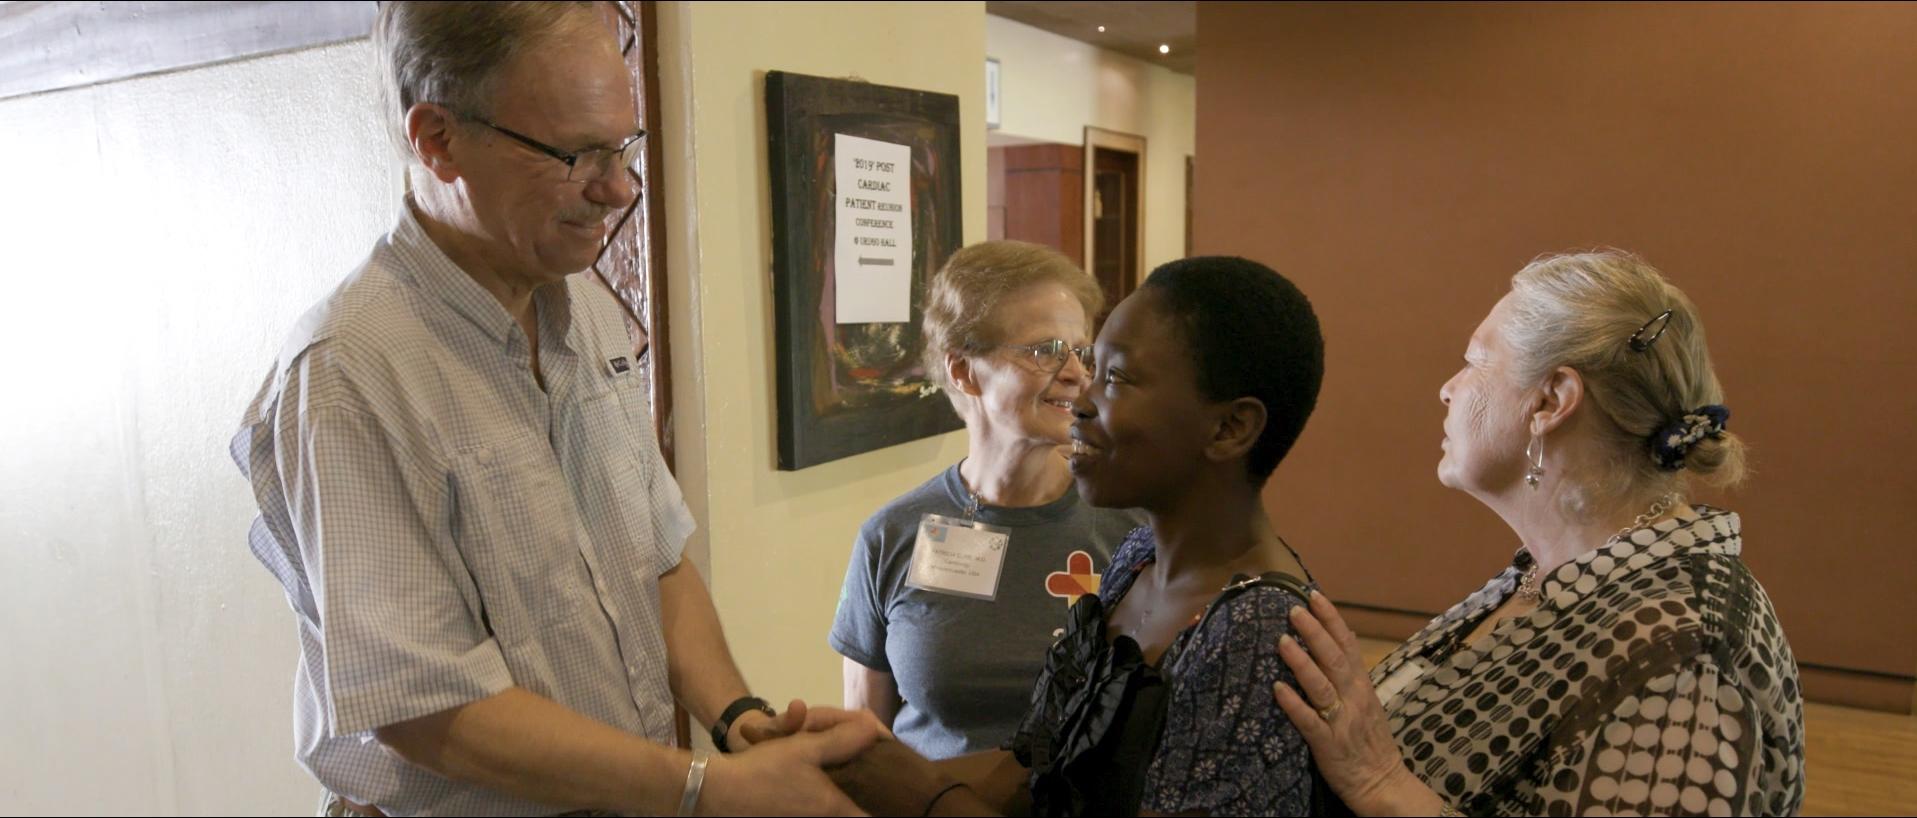 A Heartbeat in Rwanda